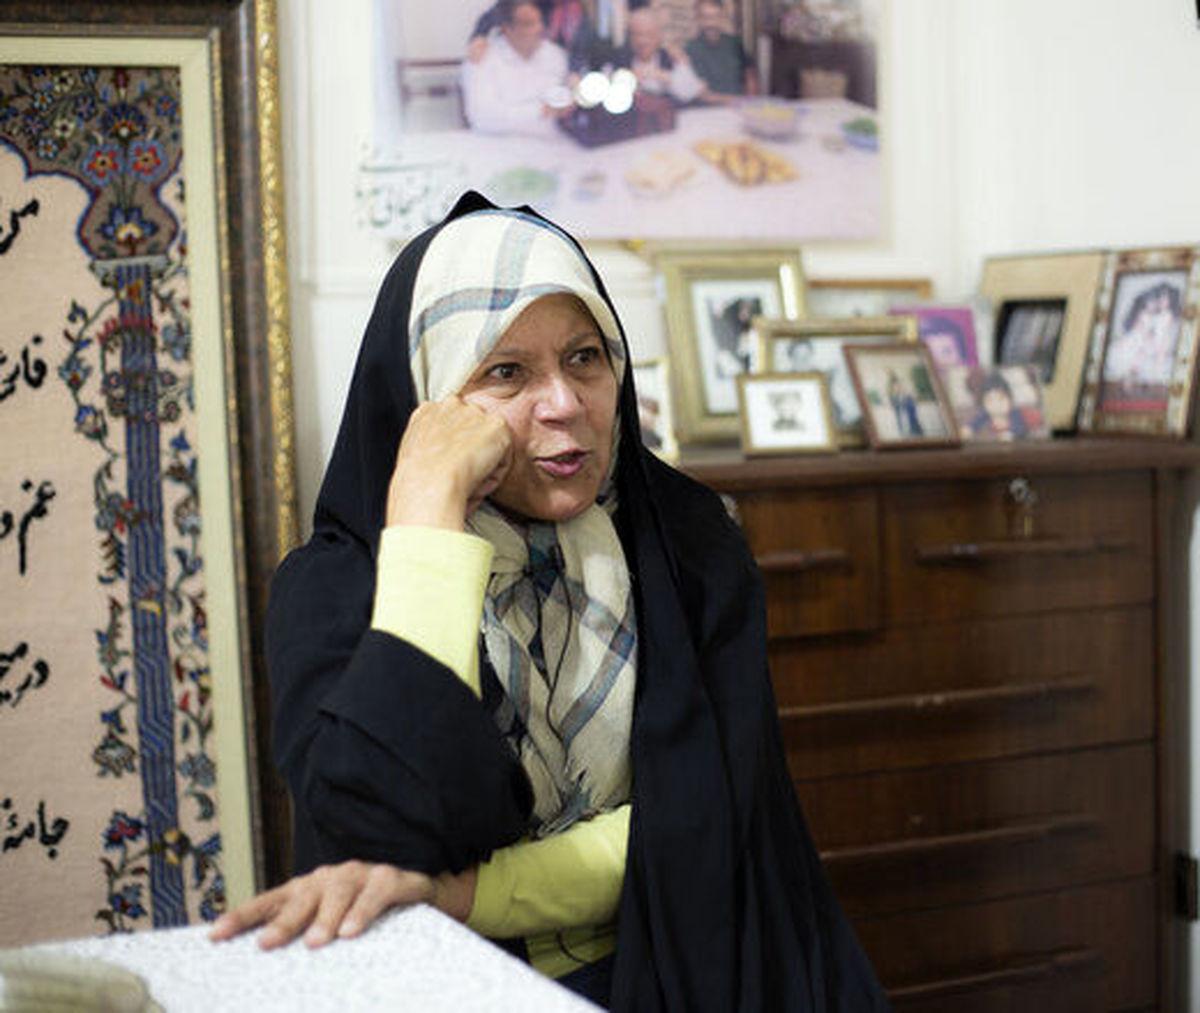 واکنش تند اصلاح طلب به فائزه هاشمی + جزئیات